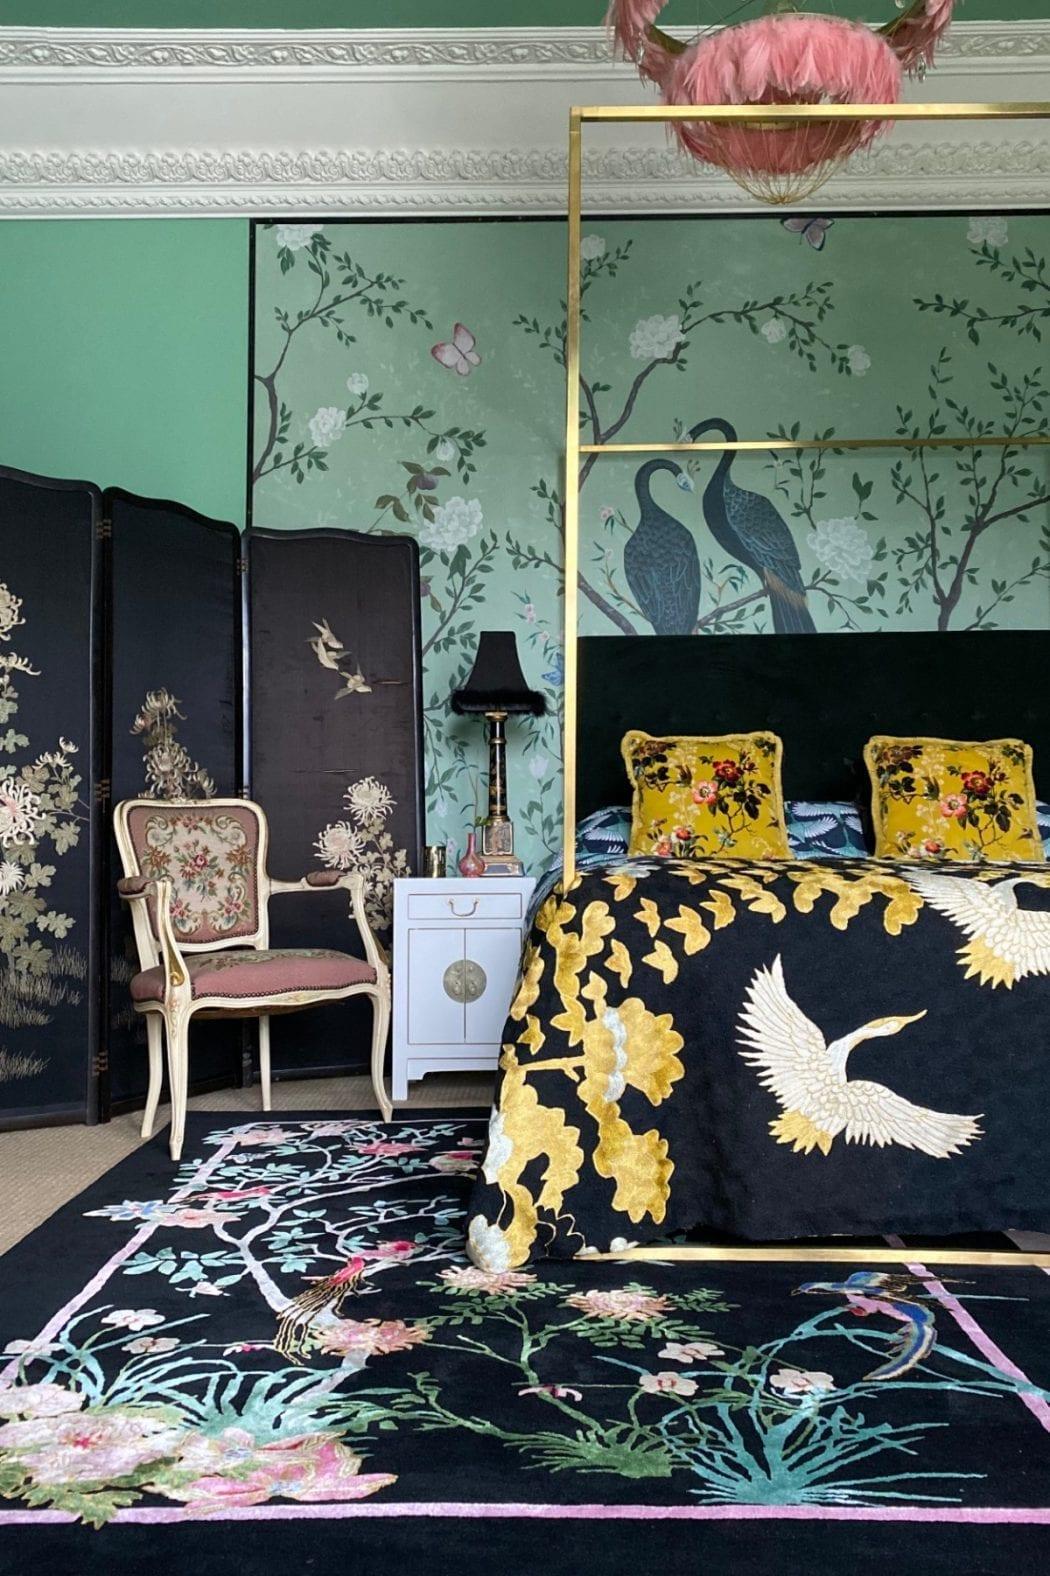 Birdsong Black Rug in Bedroom